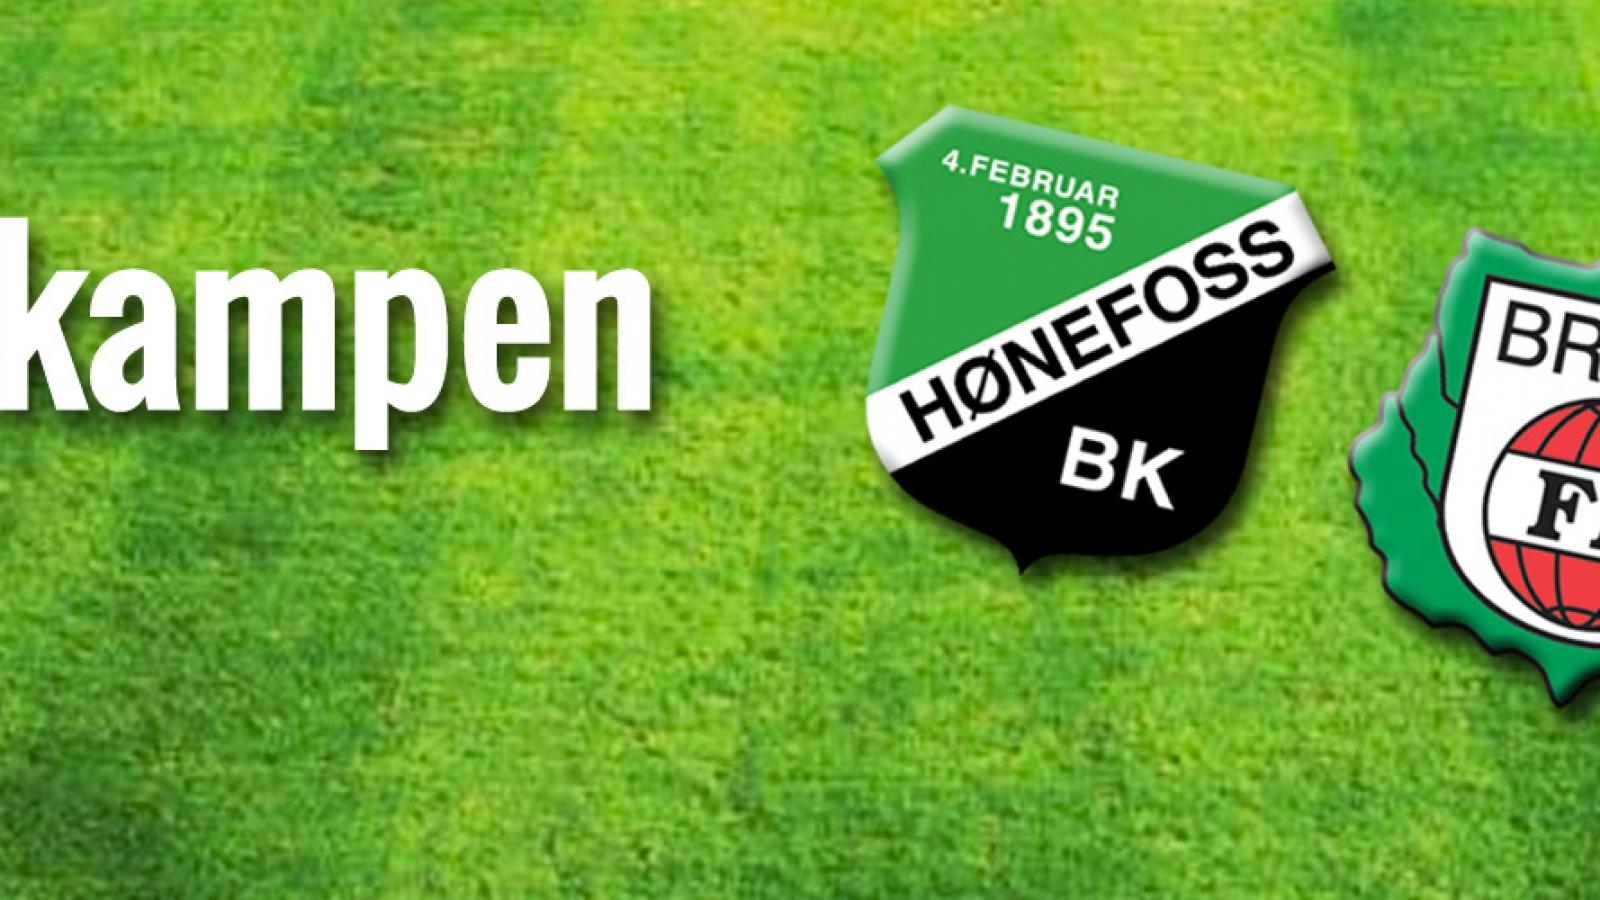 kampen_hon_bfk